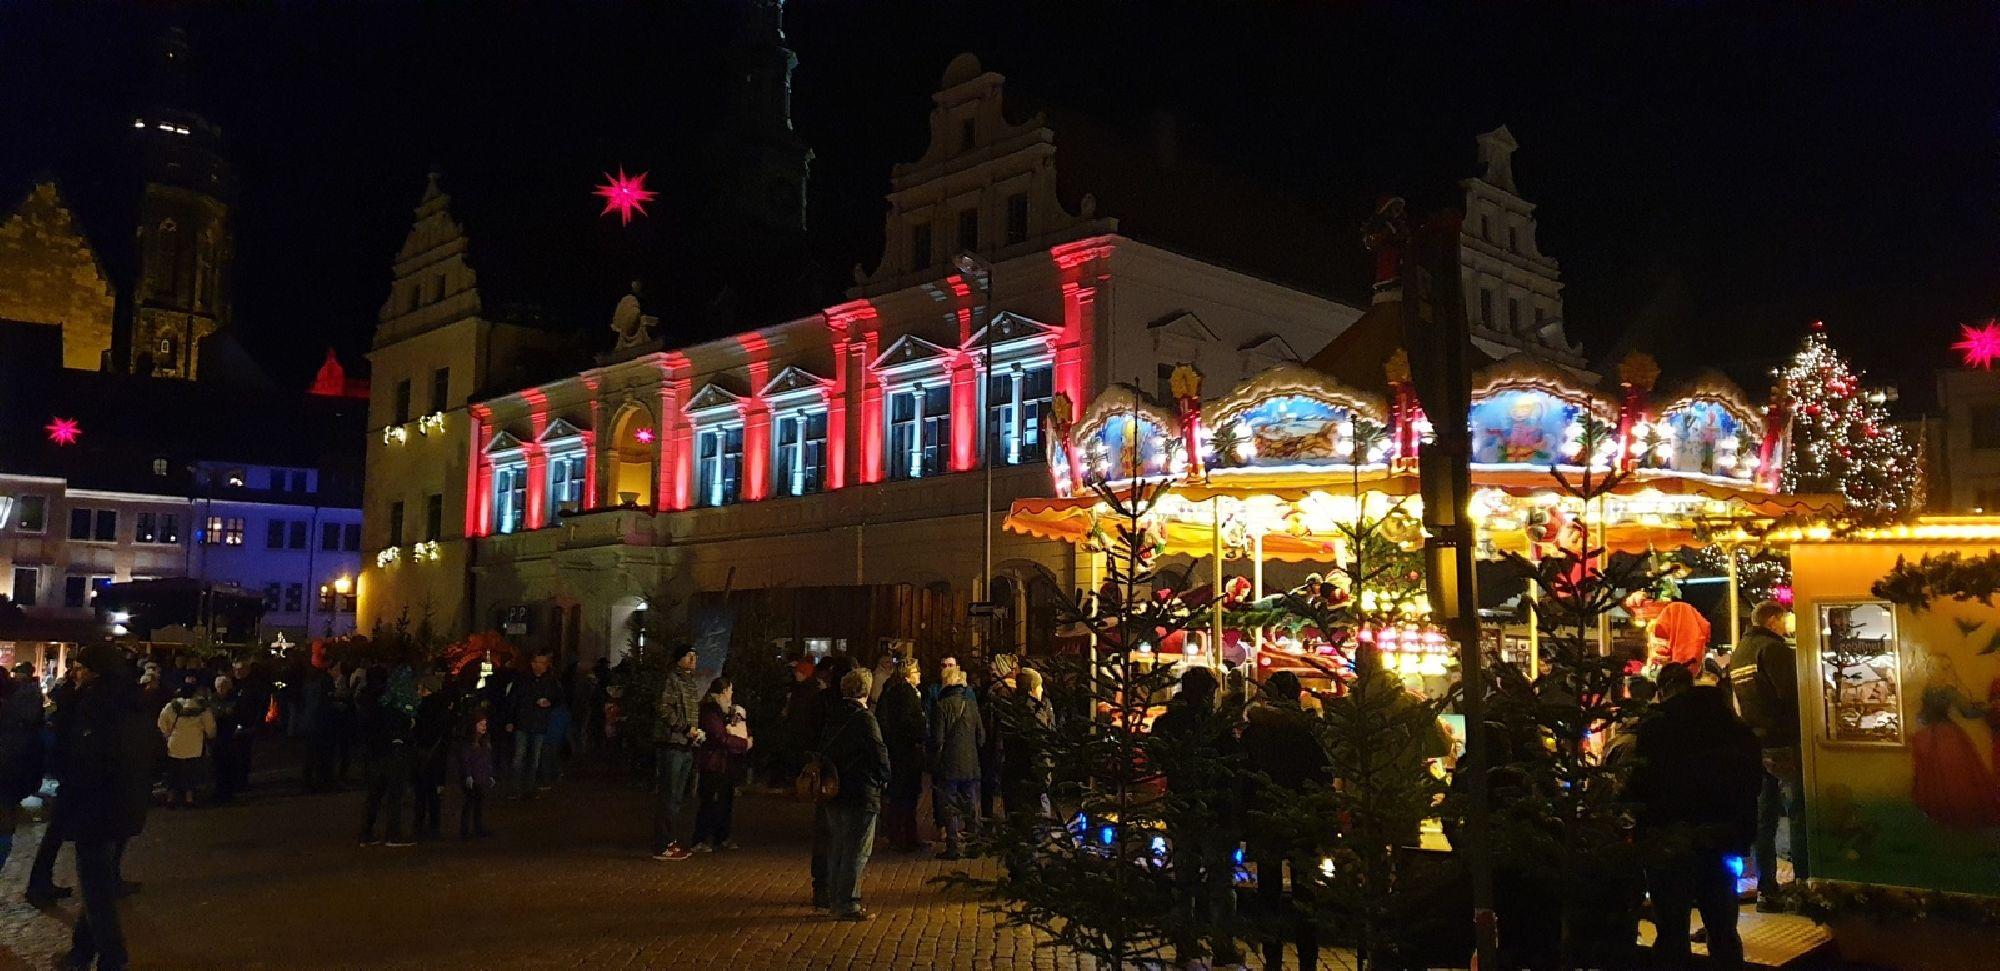 Karussell auf dem Canalettomarkt Pirna